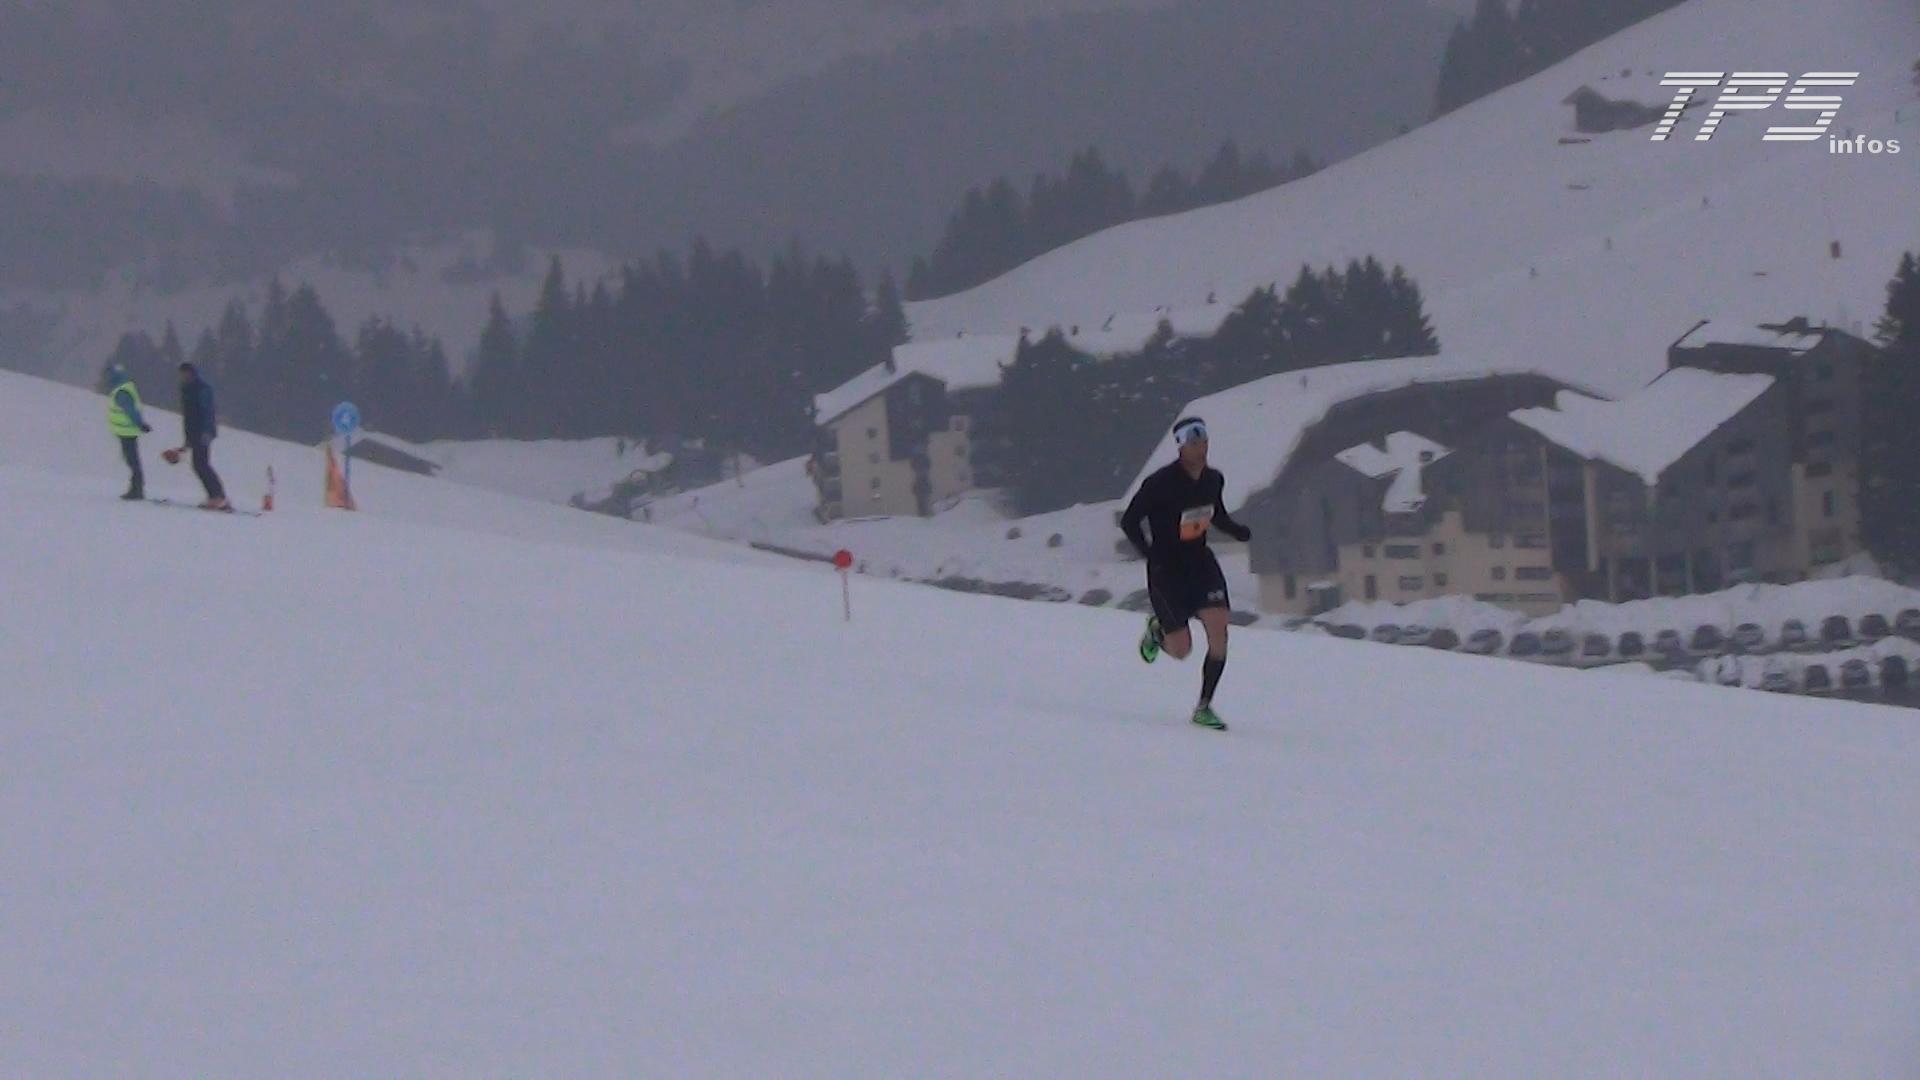 00021.00 01 56 16.Image fixe001 - RESULTATS ET VIDEO DU TRAIL DE L'AIGLE BLANC / 12-03-16